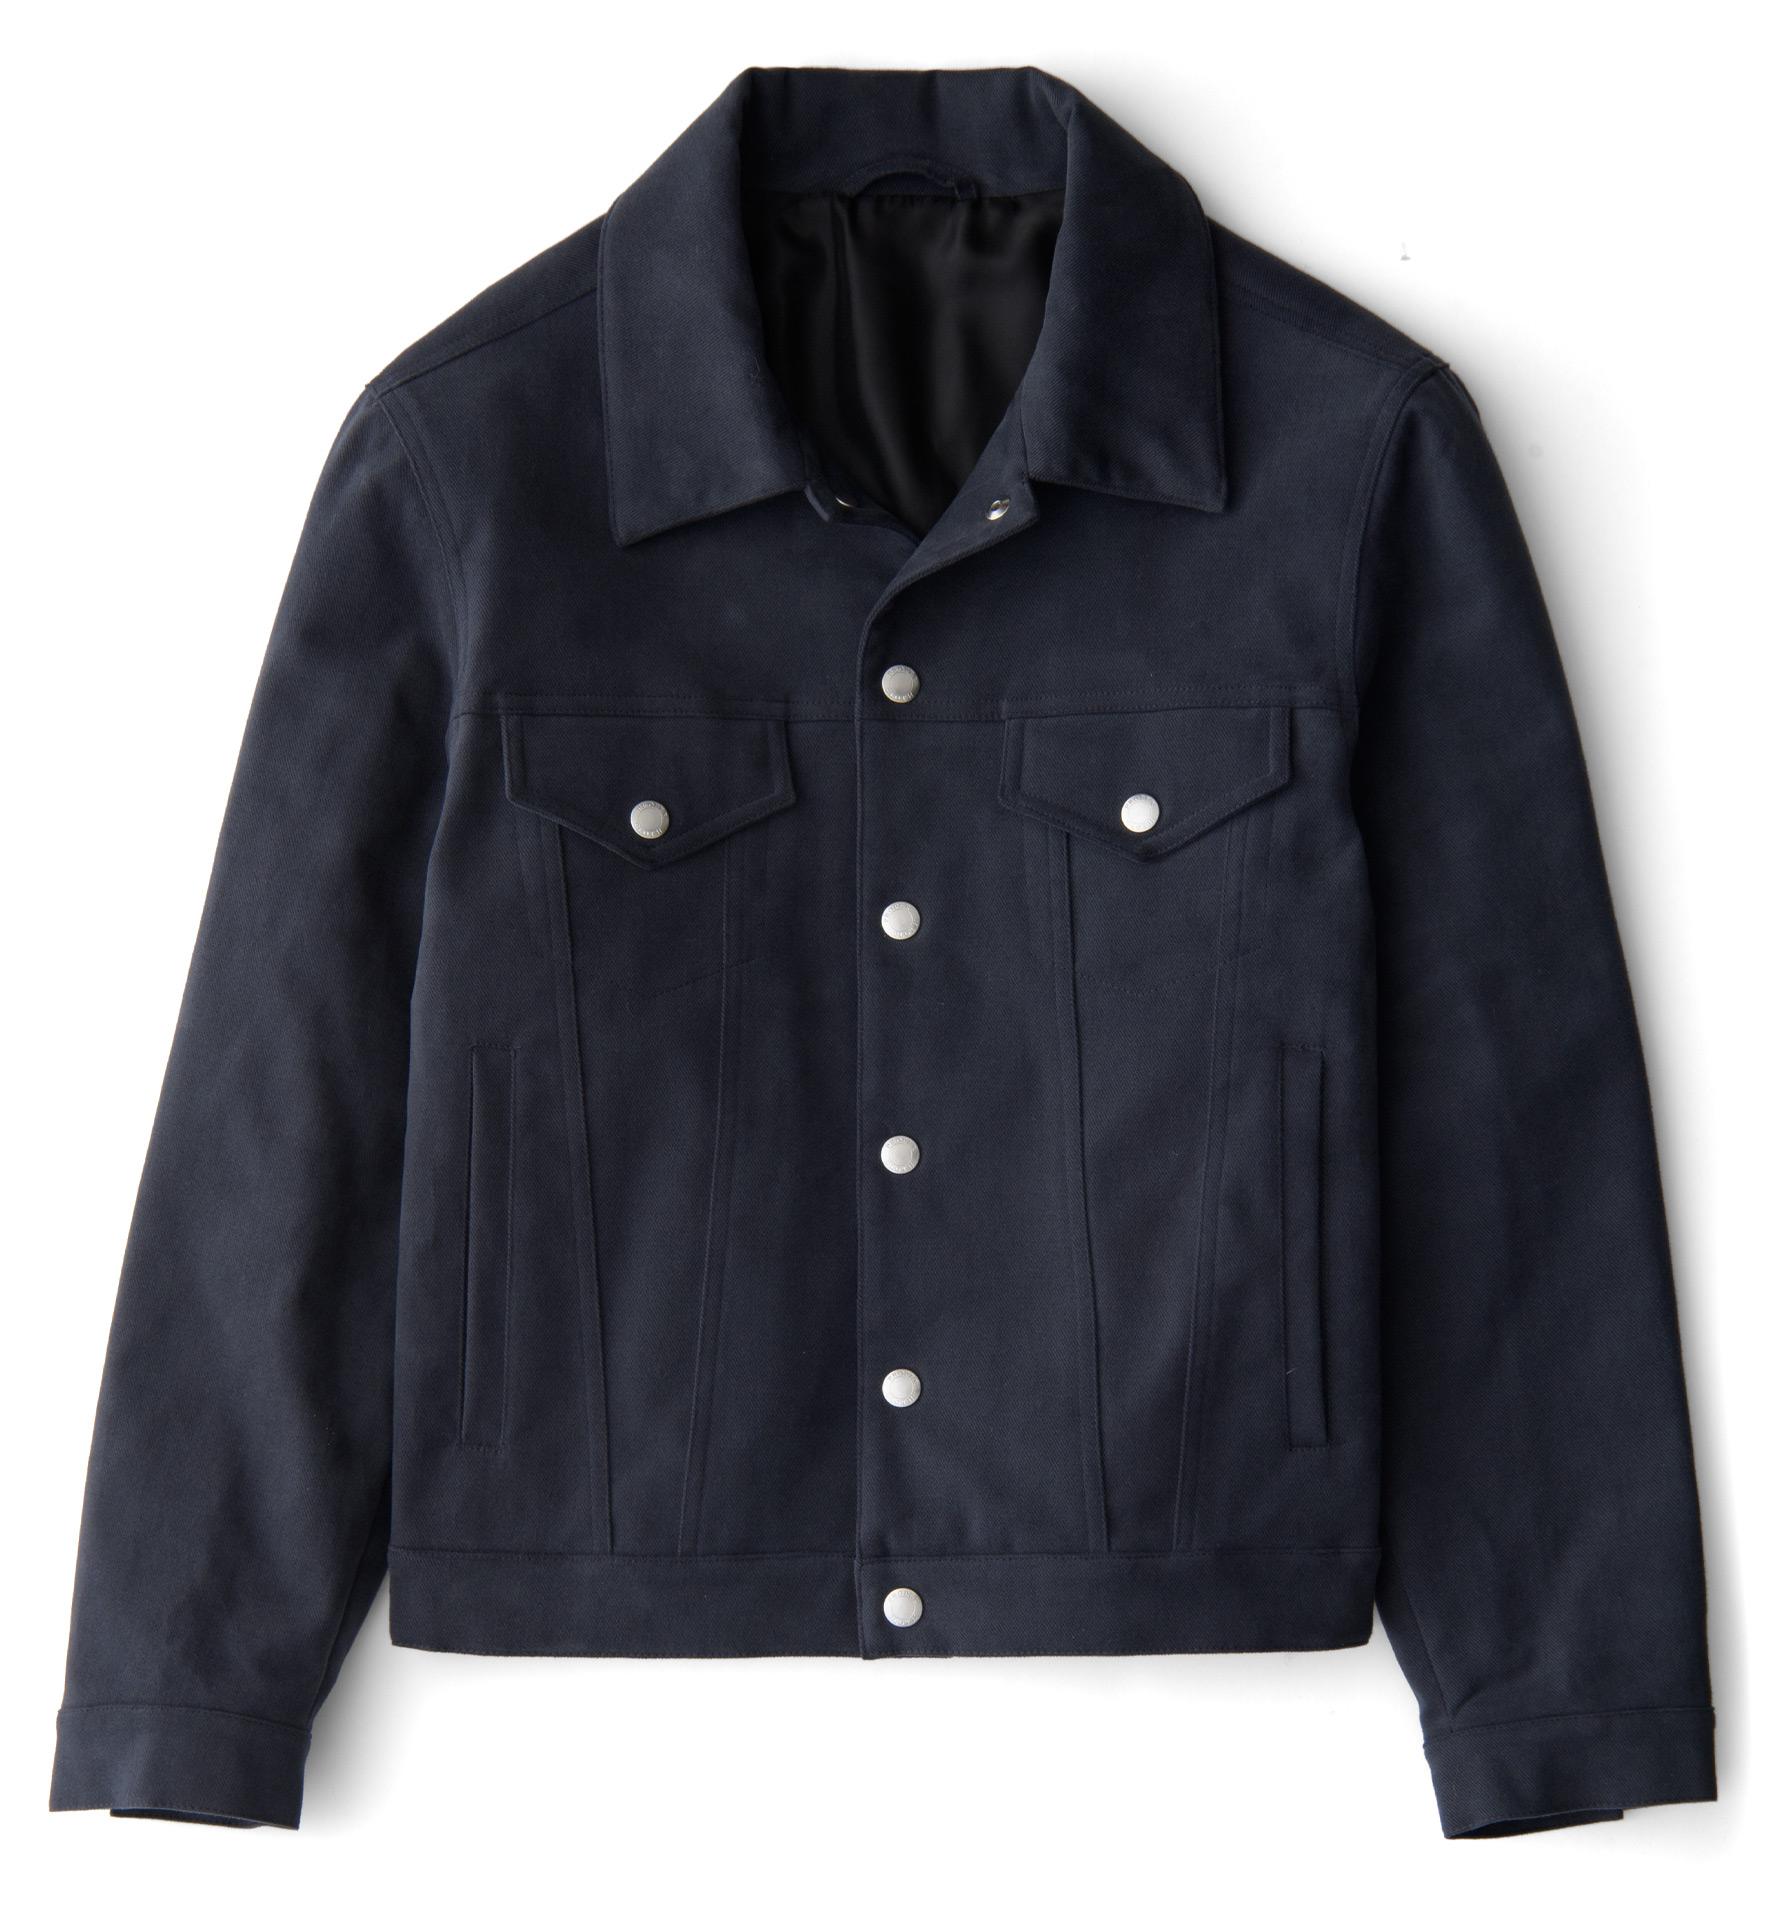 Zoom Image of Lafayette Slate Brushed Cotton Jacket